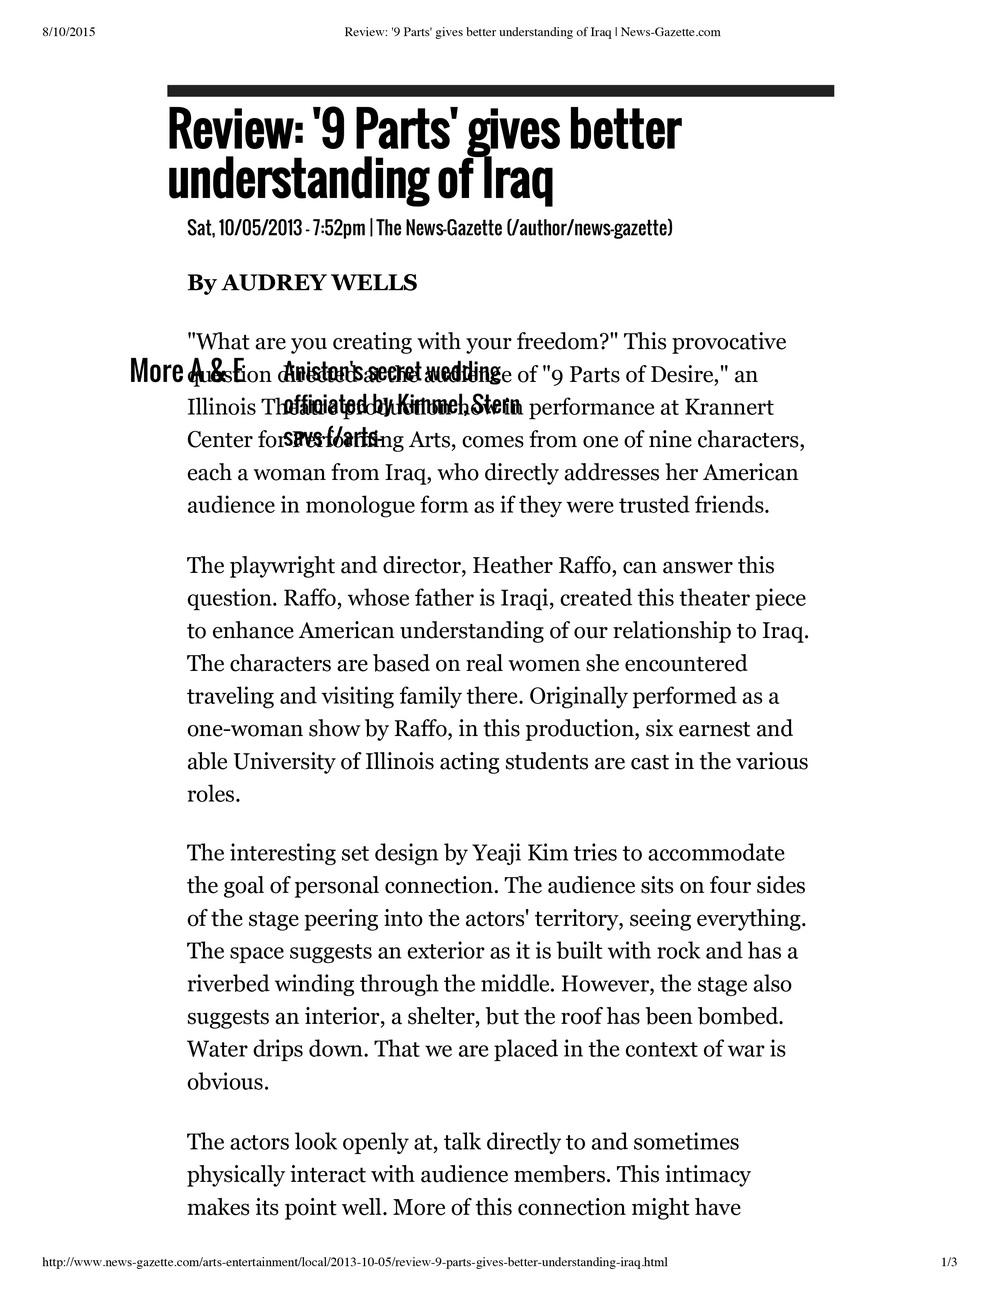 Review_ '9 Parts' gives better understanding of Iraq _ News-Gazette.pdf-1.jpg